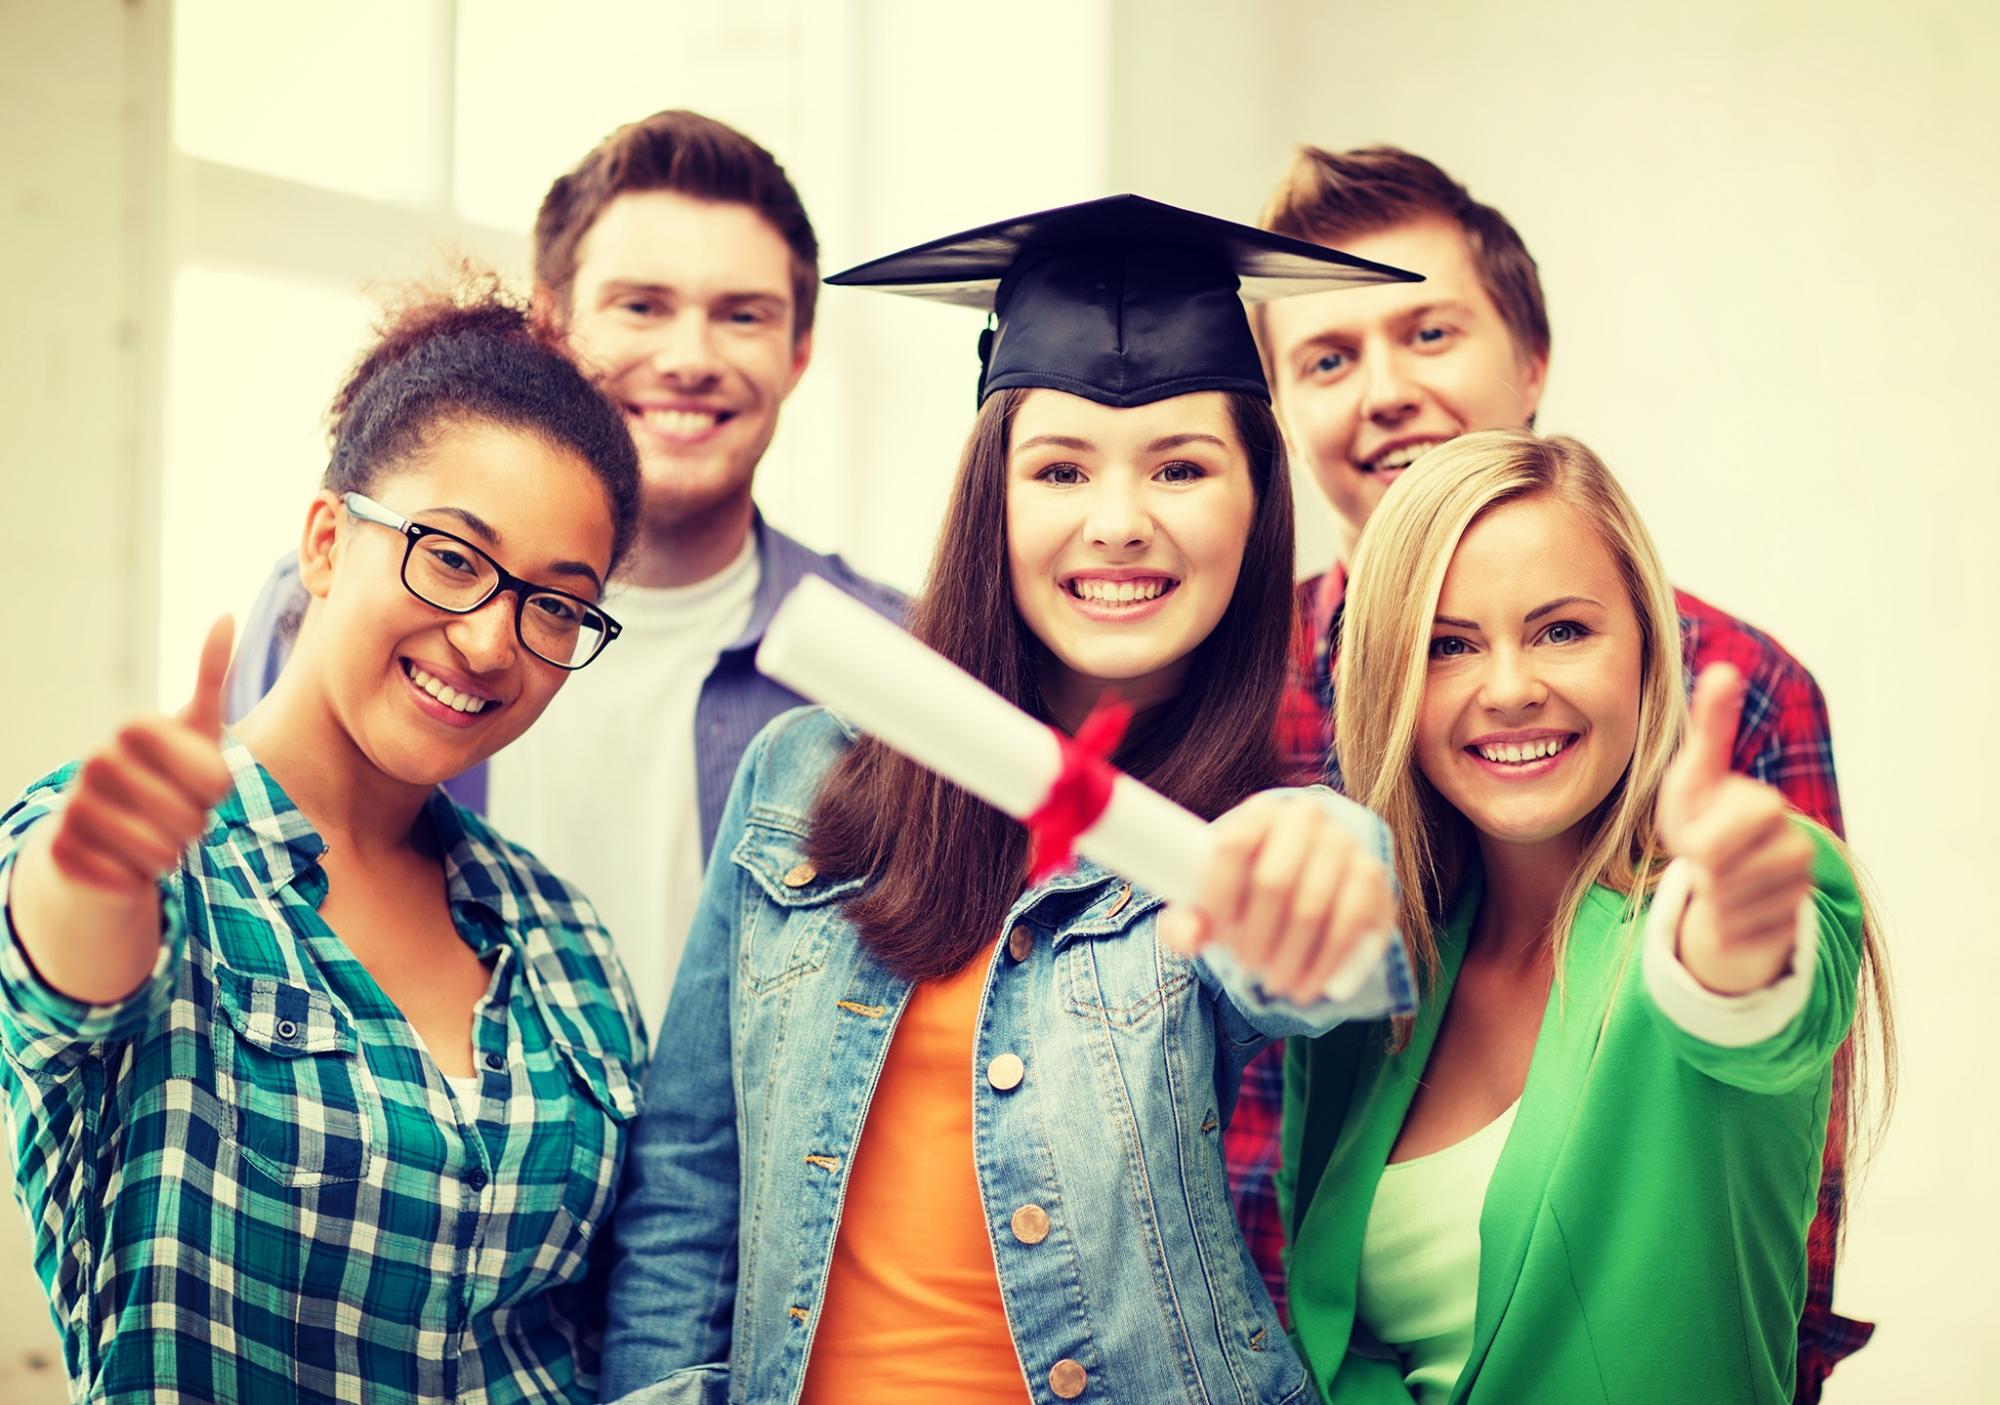 9 lời khuyên bổ ích dành cho các bạn sắp đi du học